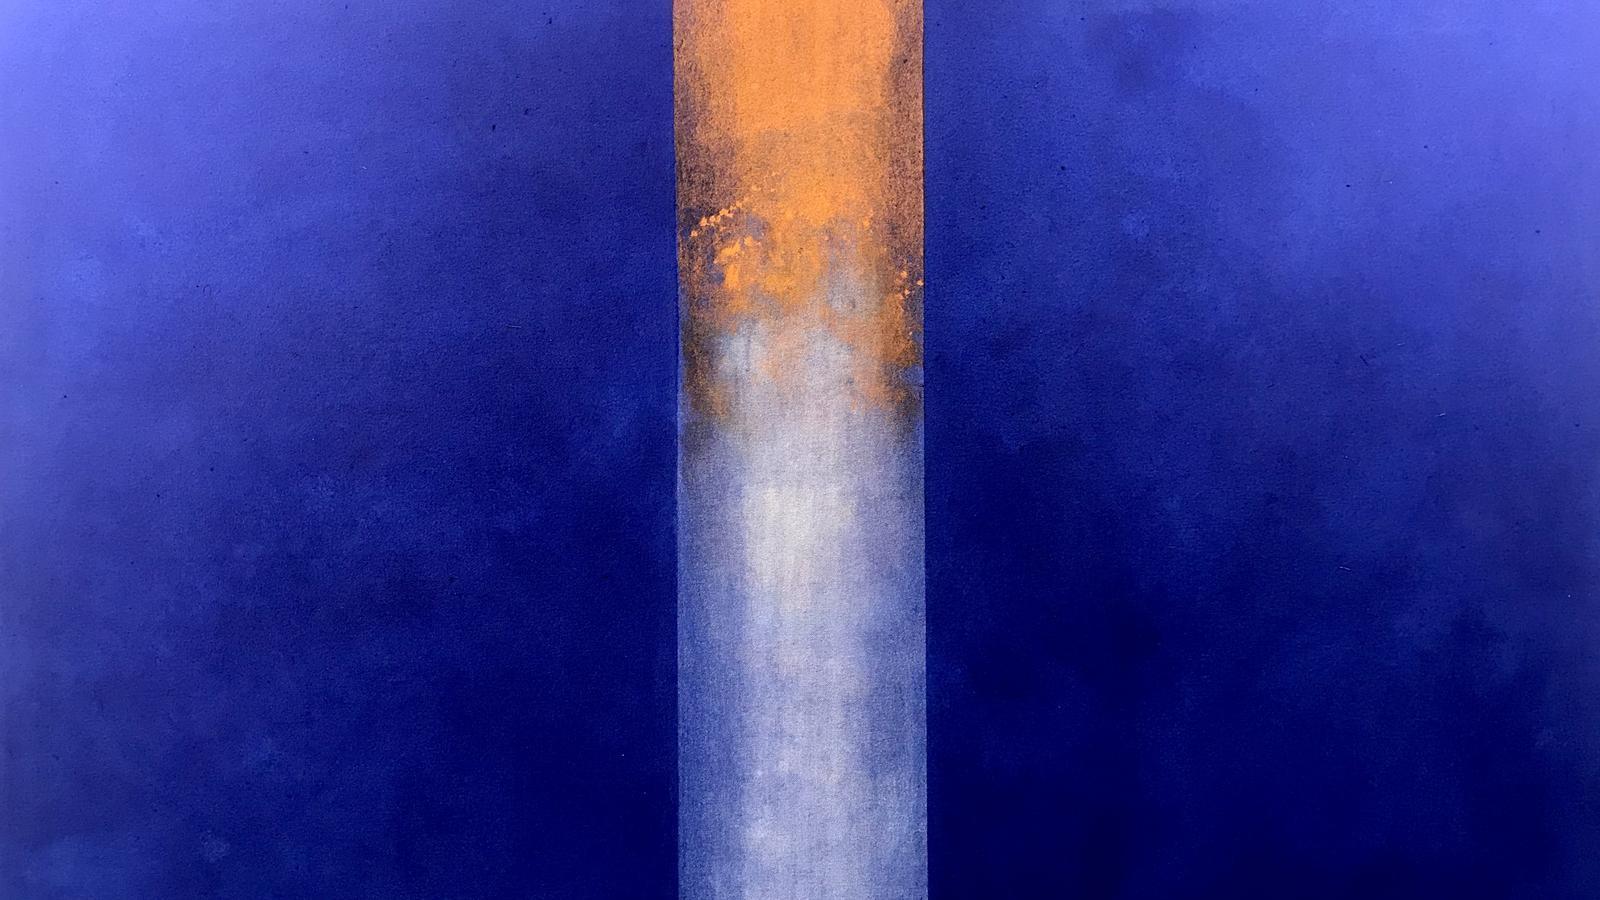 '22.VII.2020', d'Alfons Borrell